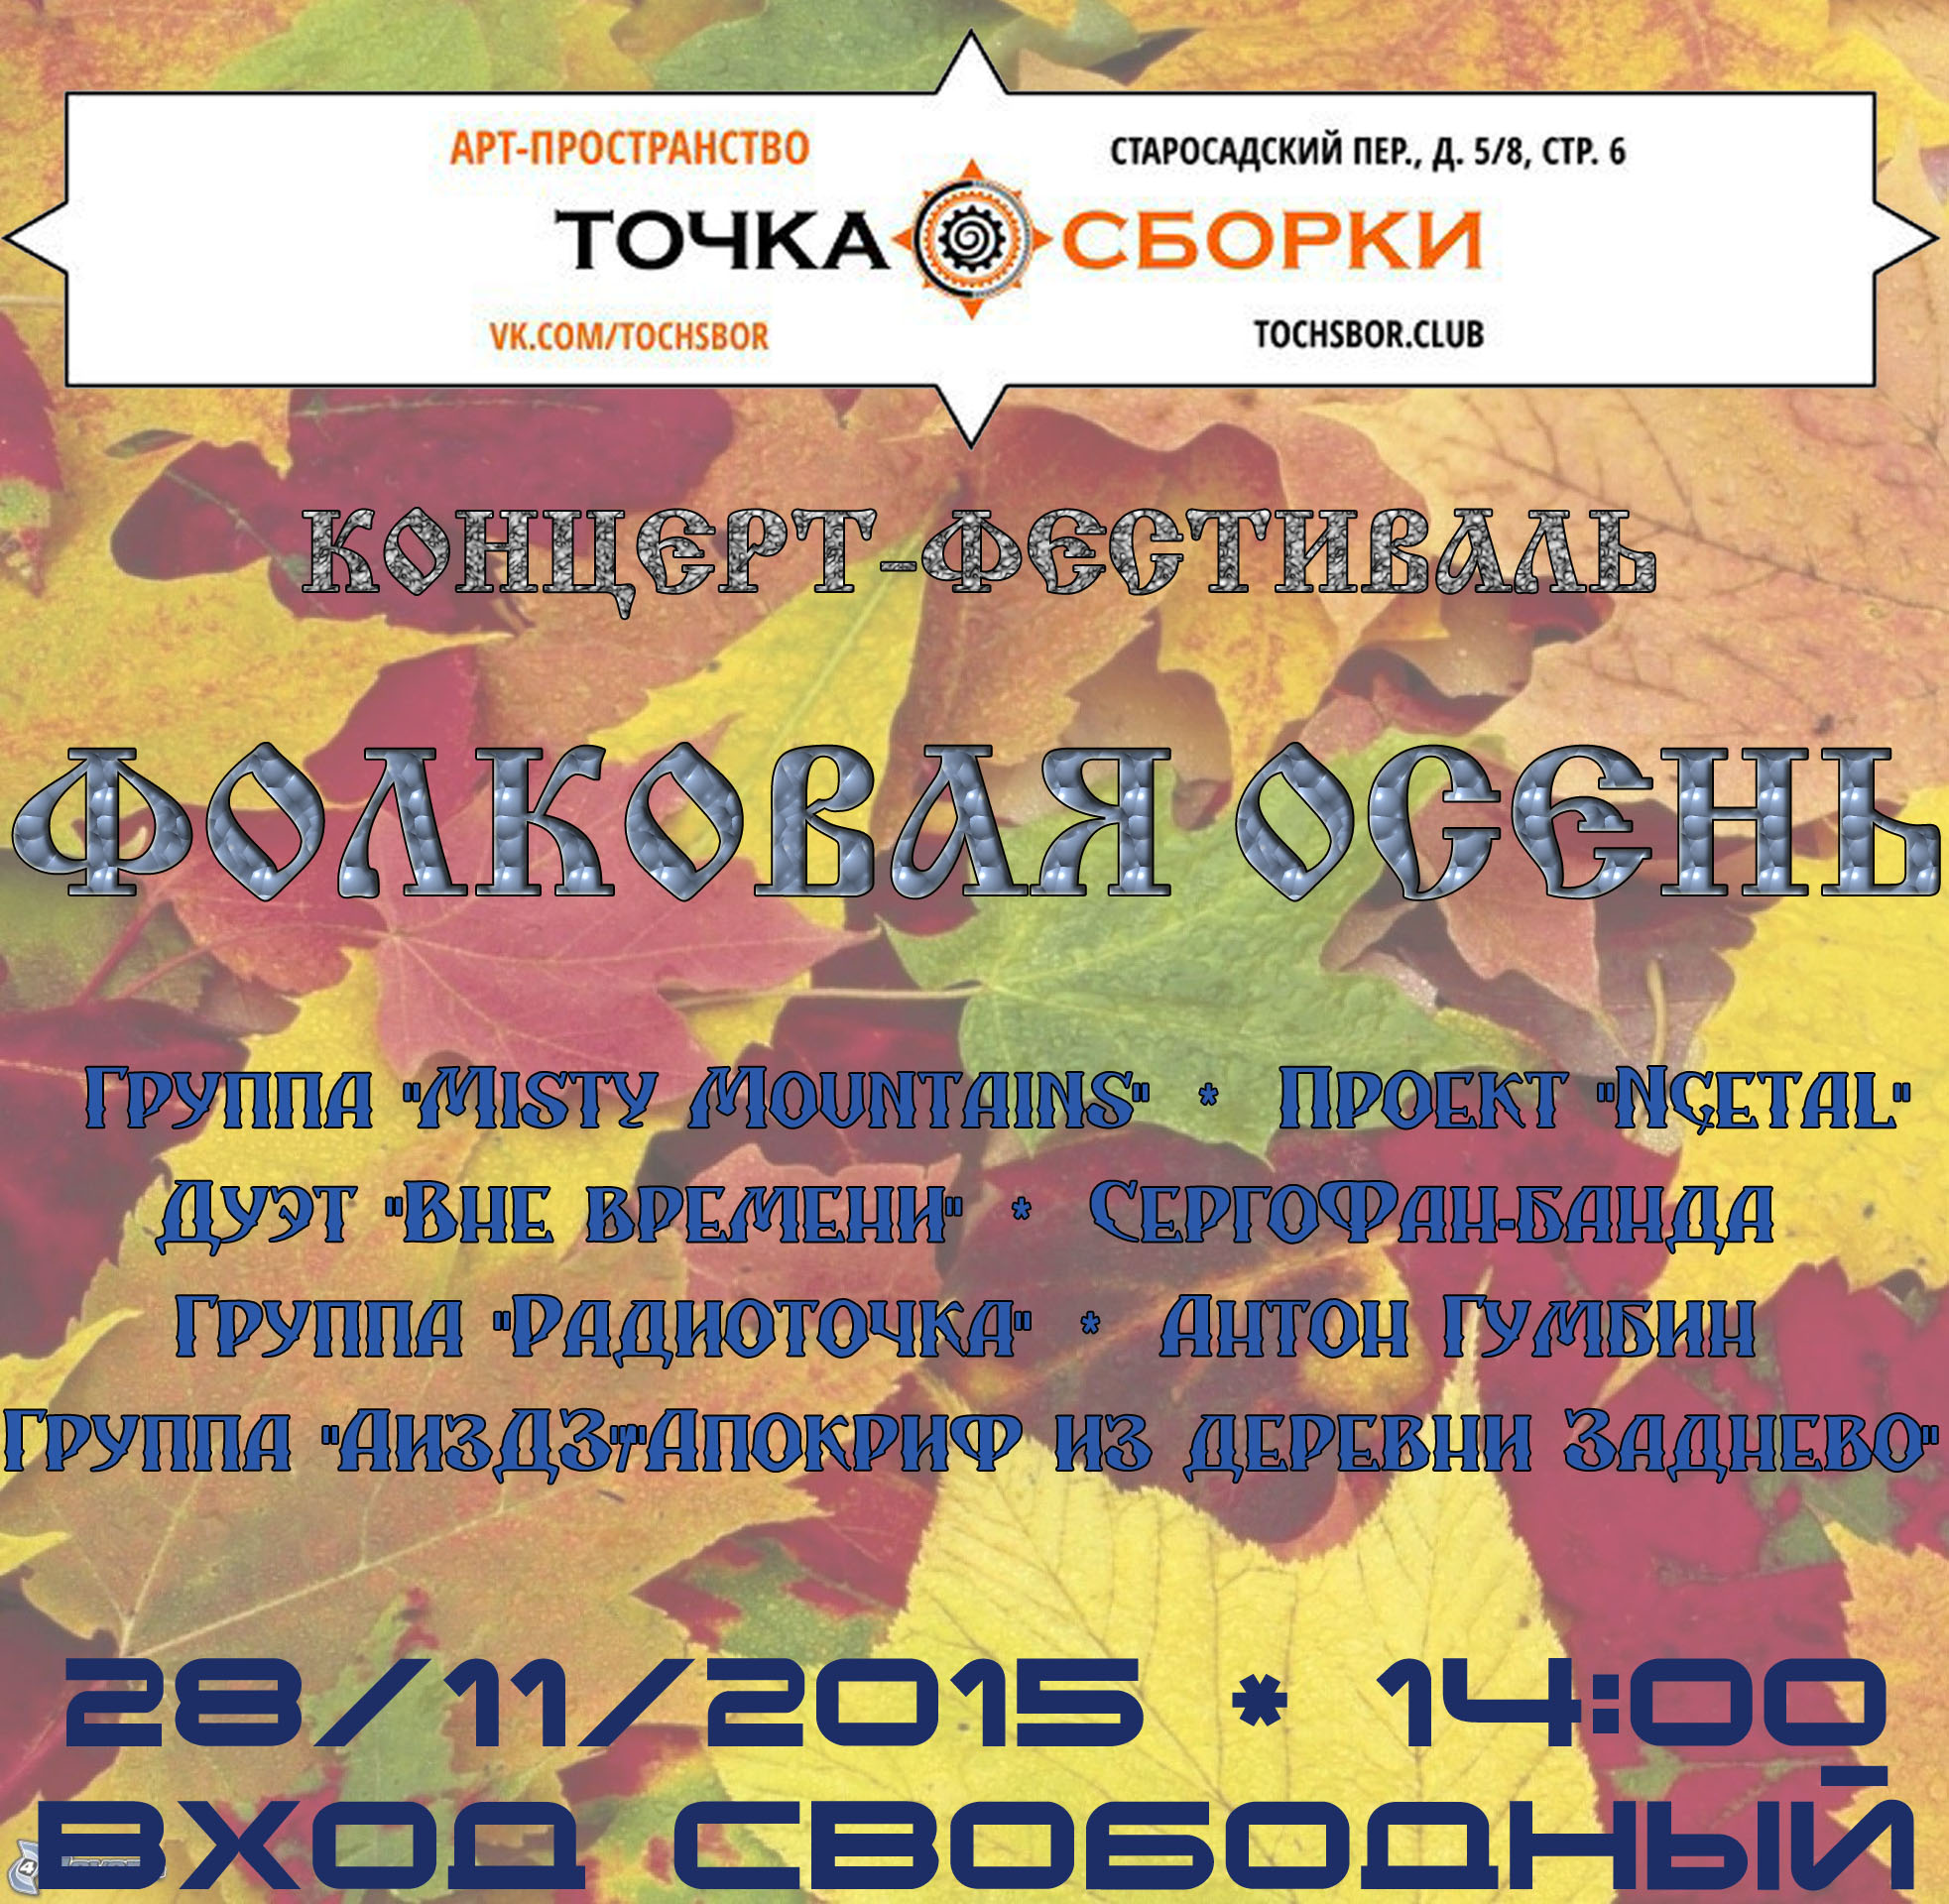 Мини-фестиваль Фолковая осень